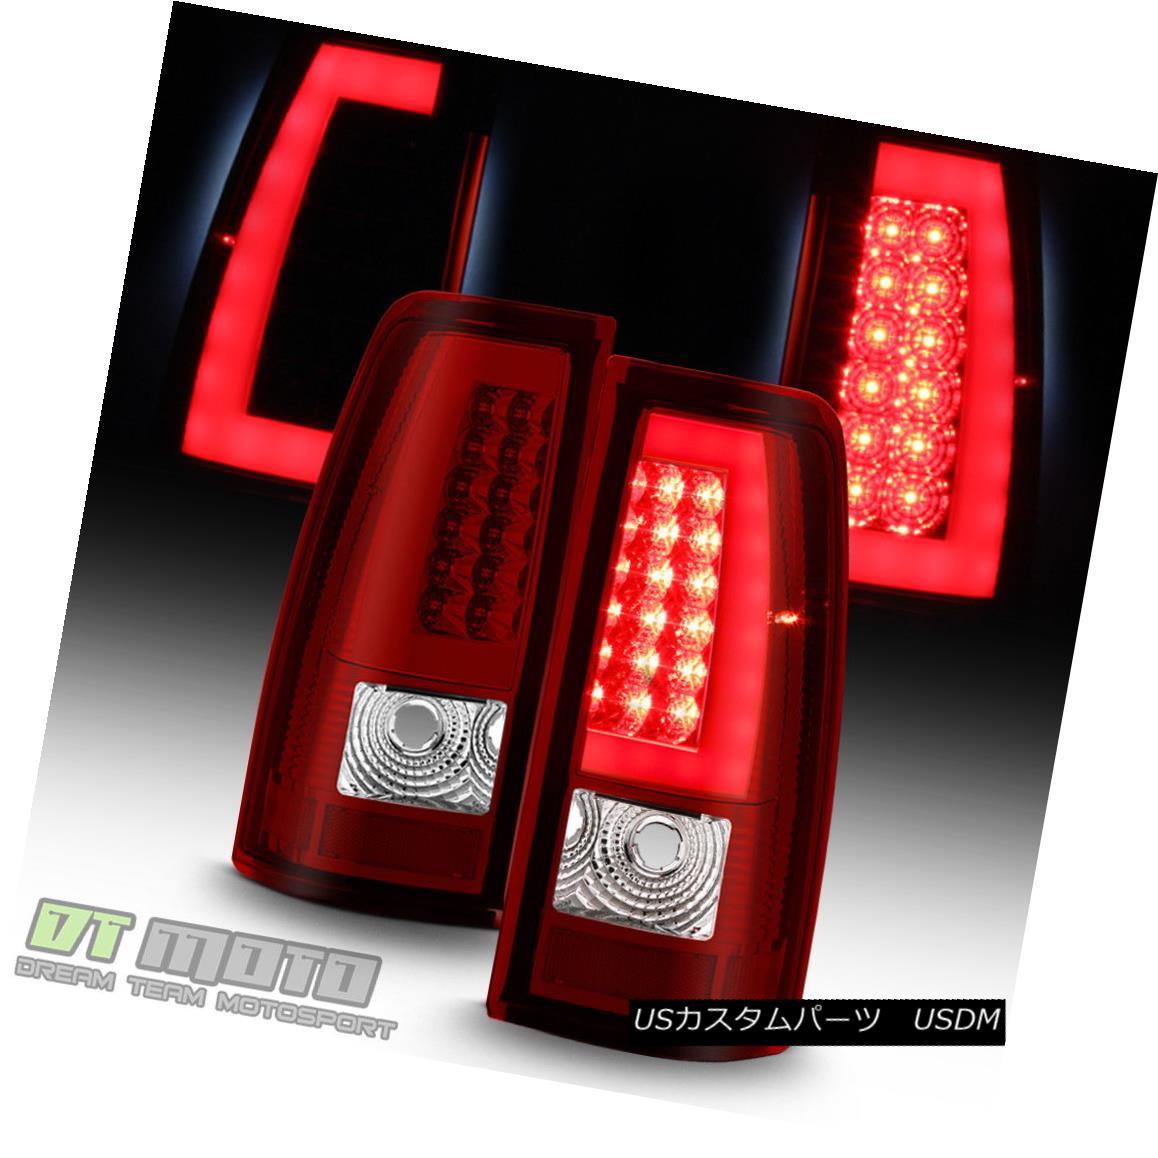 テールライト Tail 1999-2002 1999-2002 Chevy Silverado 1500 99-06 GMC Sierra Sierra Red LED Tube Tail Lights Lamps 1999-2002 Chevy Silverado 1500 99-06 GMC Sierra赤色LEDテールライトランプ, 月ヶ瀬村:0e7fca84 --- officewill.xsrv.jp